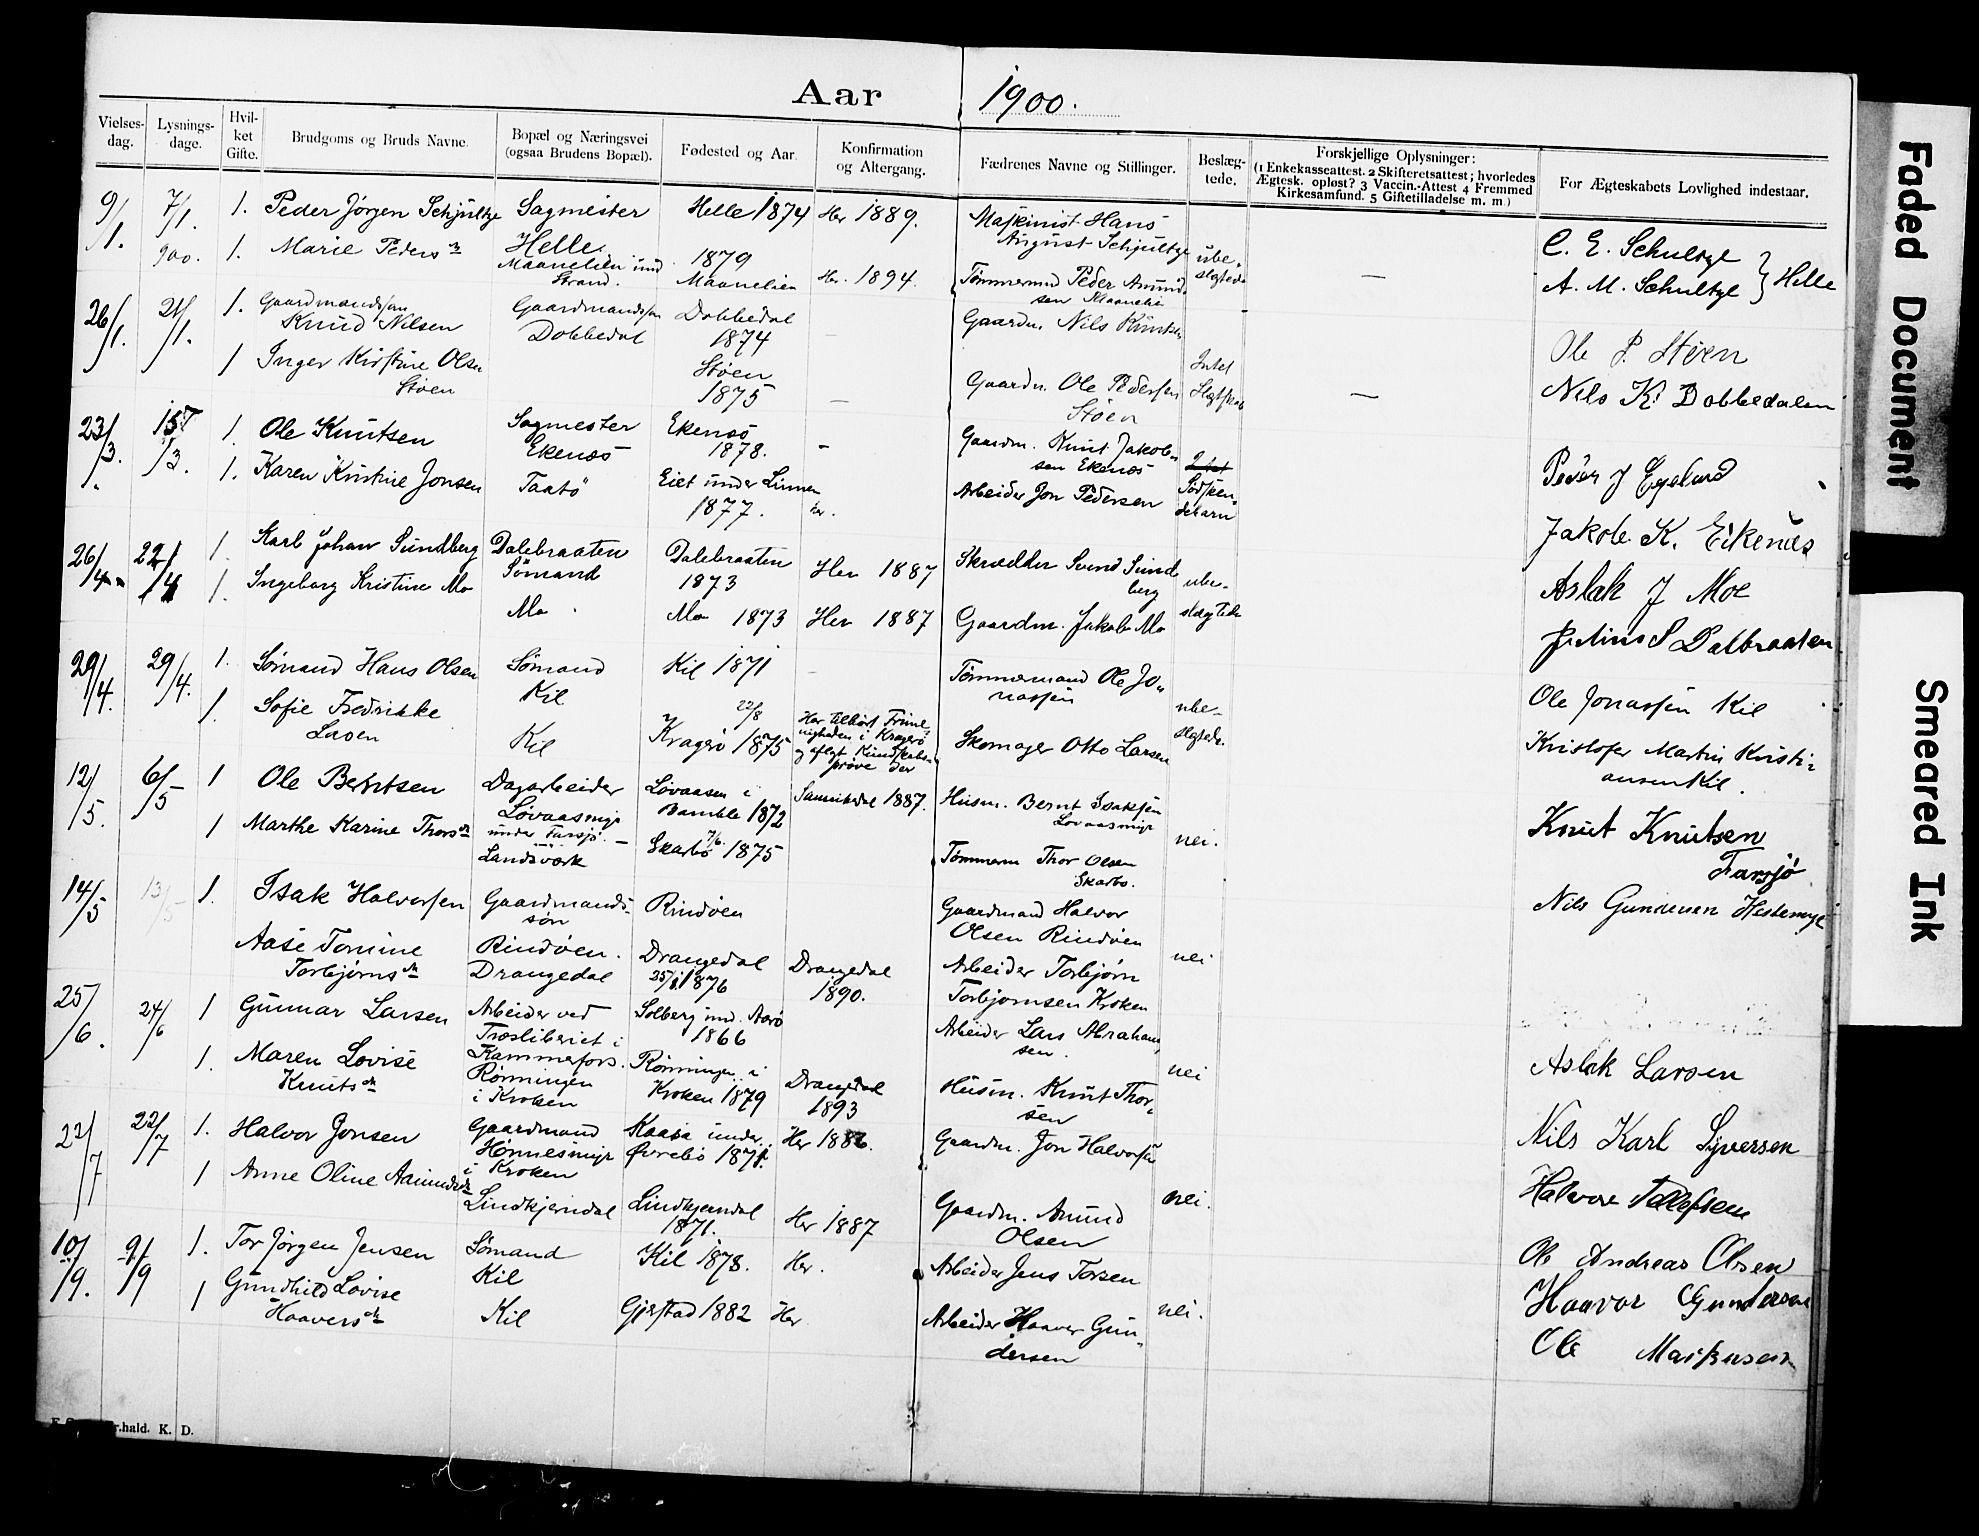 SAKO, Sannidal kirkebøker, H/Ha/L0001: Lysningsprotokoll nr. 1, 1900-1918